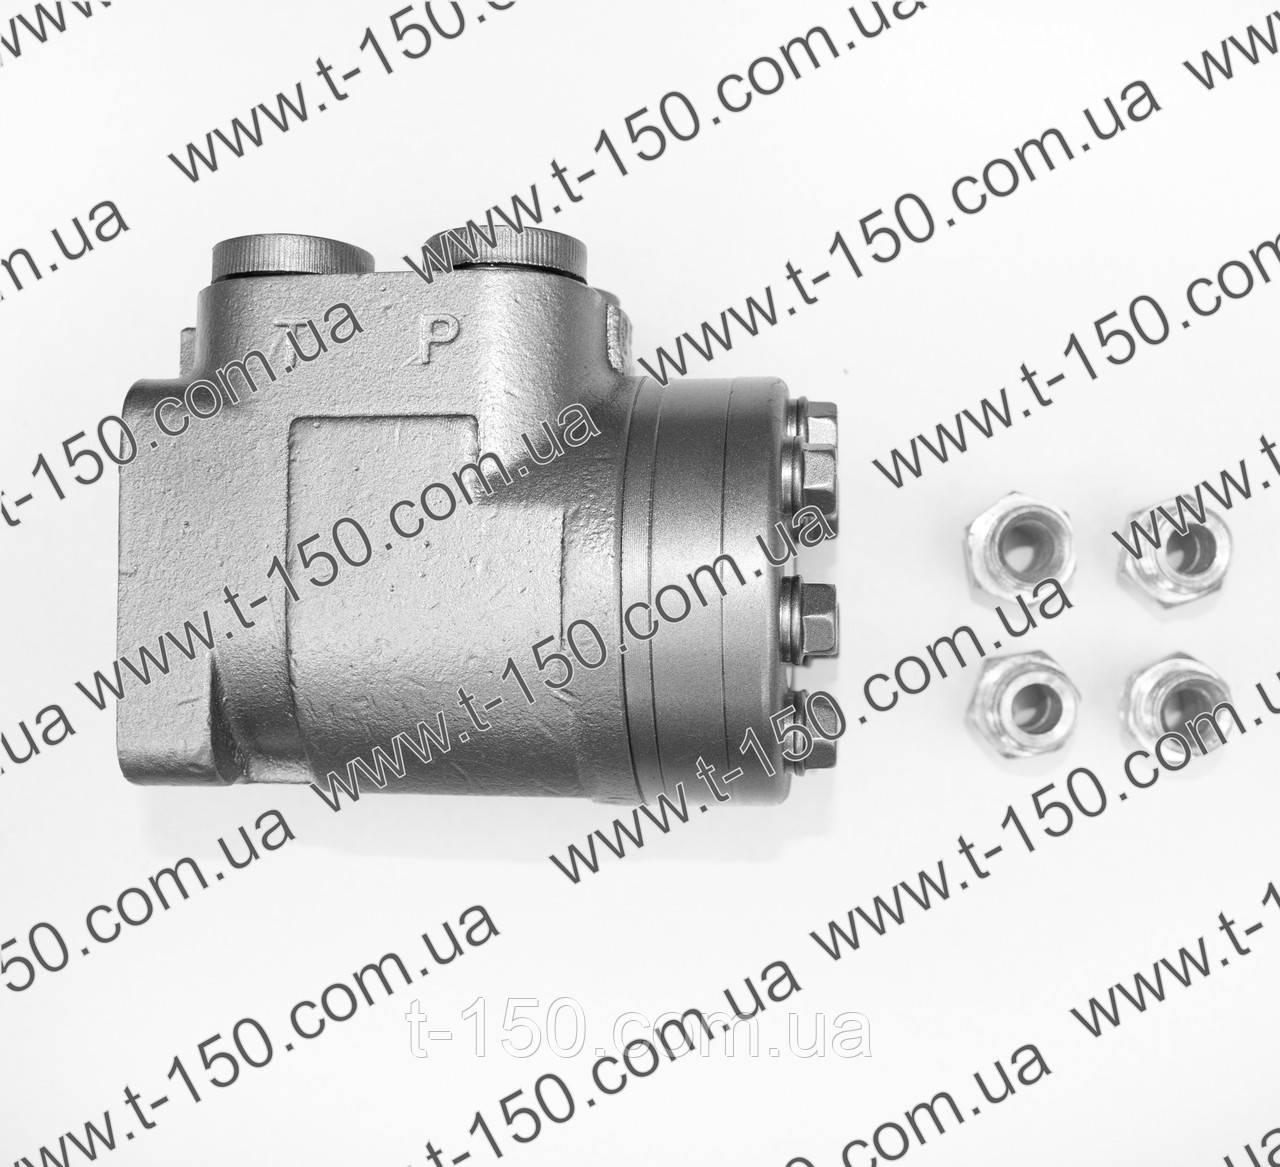 Насос-дозатор рулевого управления МТЗ 80-82, ЮМЗ 80-82 (SUB-100) пр-во Сербия